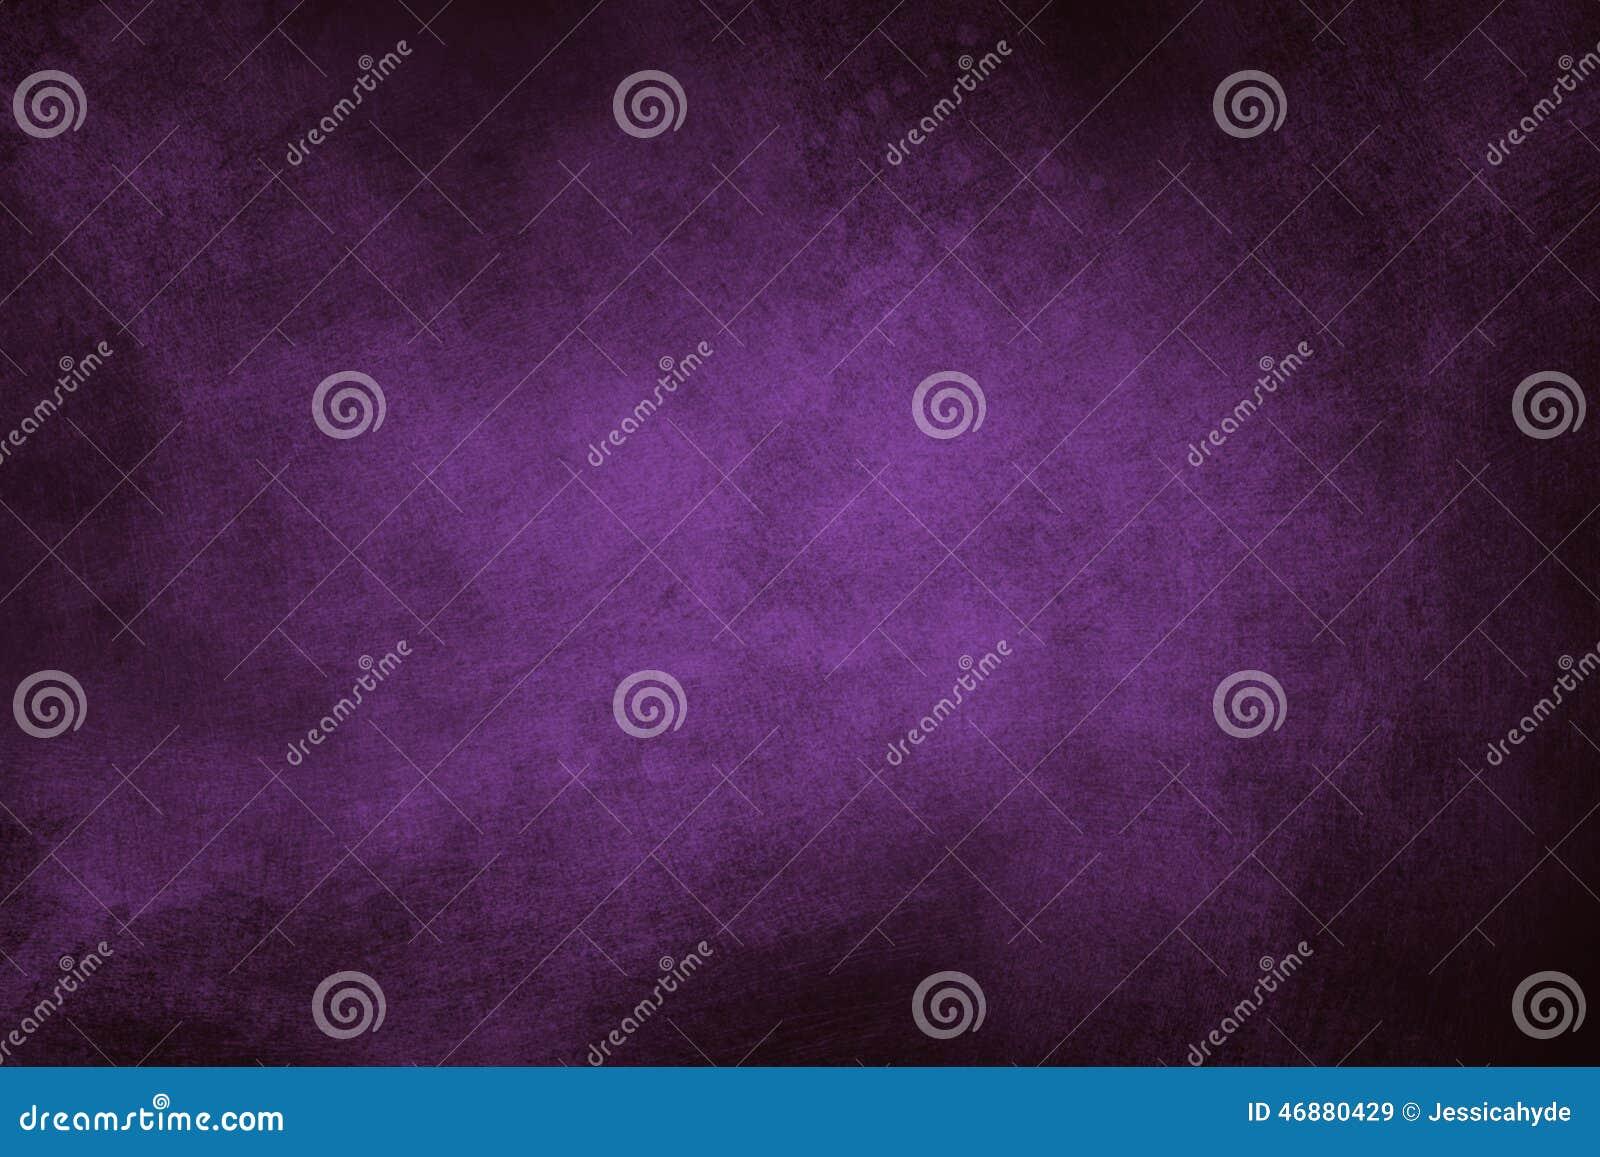 抽象背景紫色